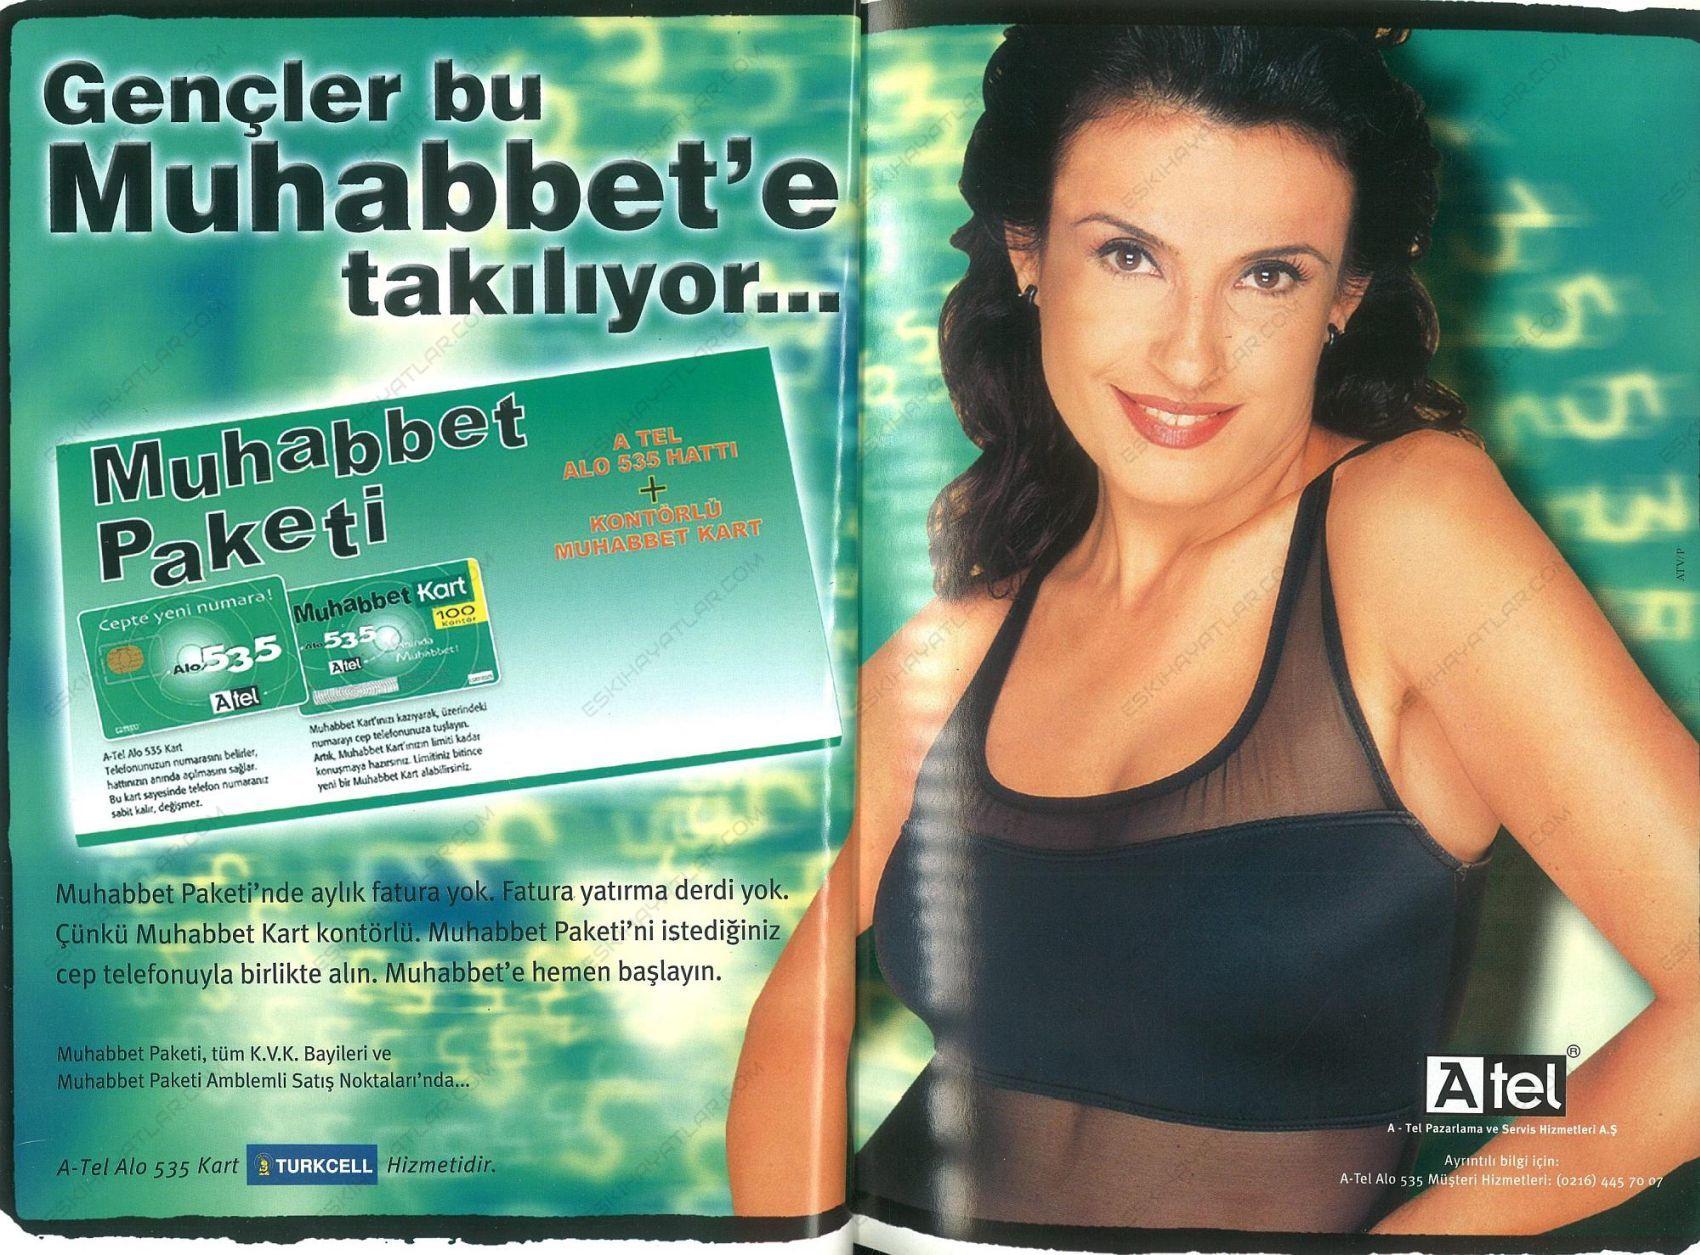 0159-a-tel-muhabbet-hat-reklamlari-1999-yilinda-faturasiz-hat-reklamlari-turkcell-arsivi